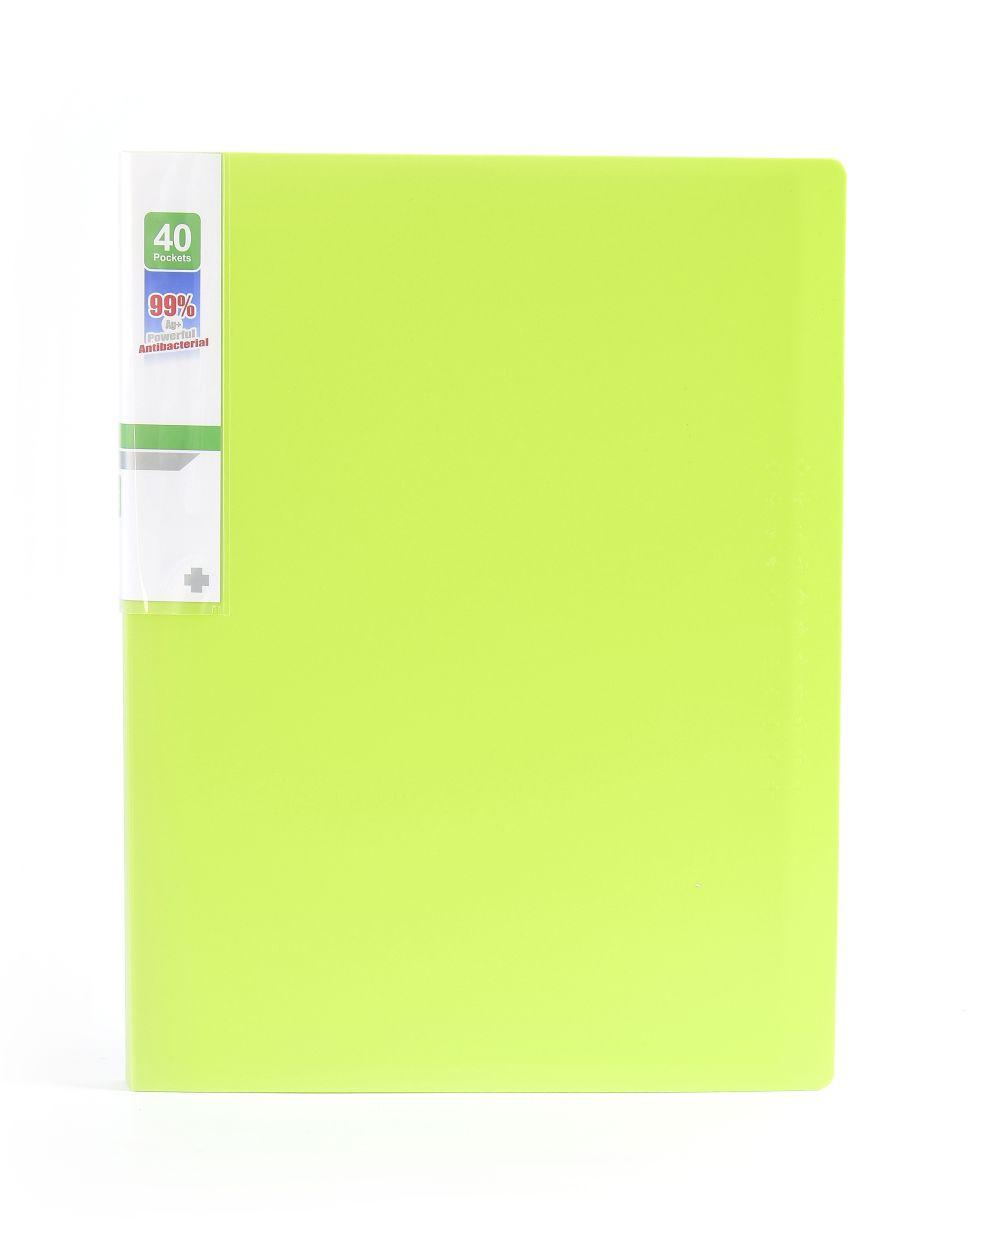 Desky na spisy ANTIBAKTERIÁLNÍ A4 zelená 40 kapes